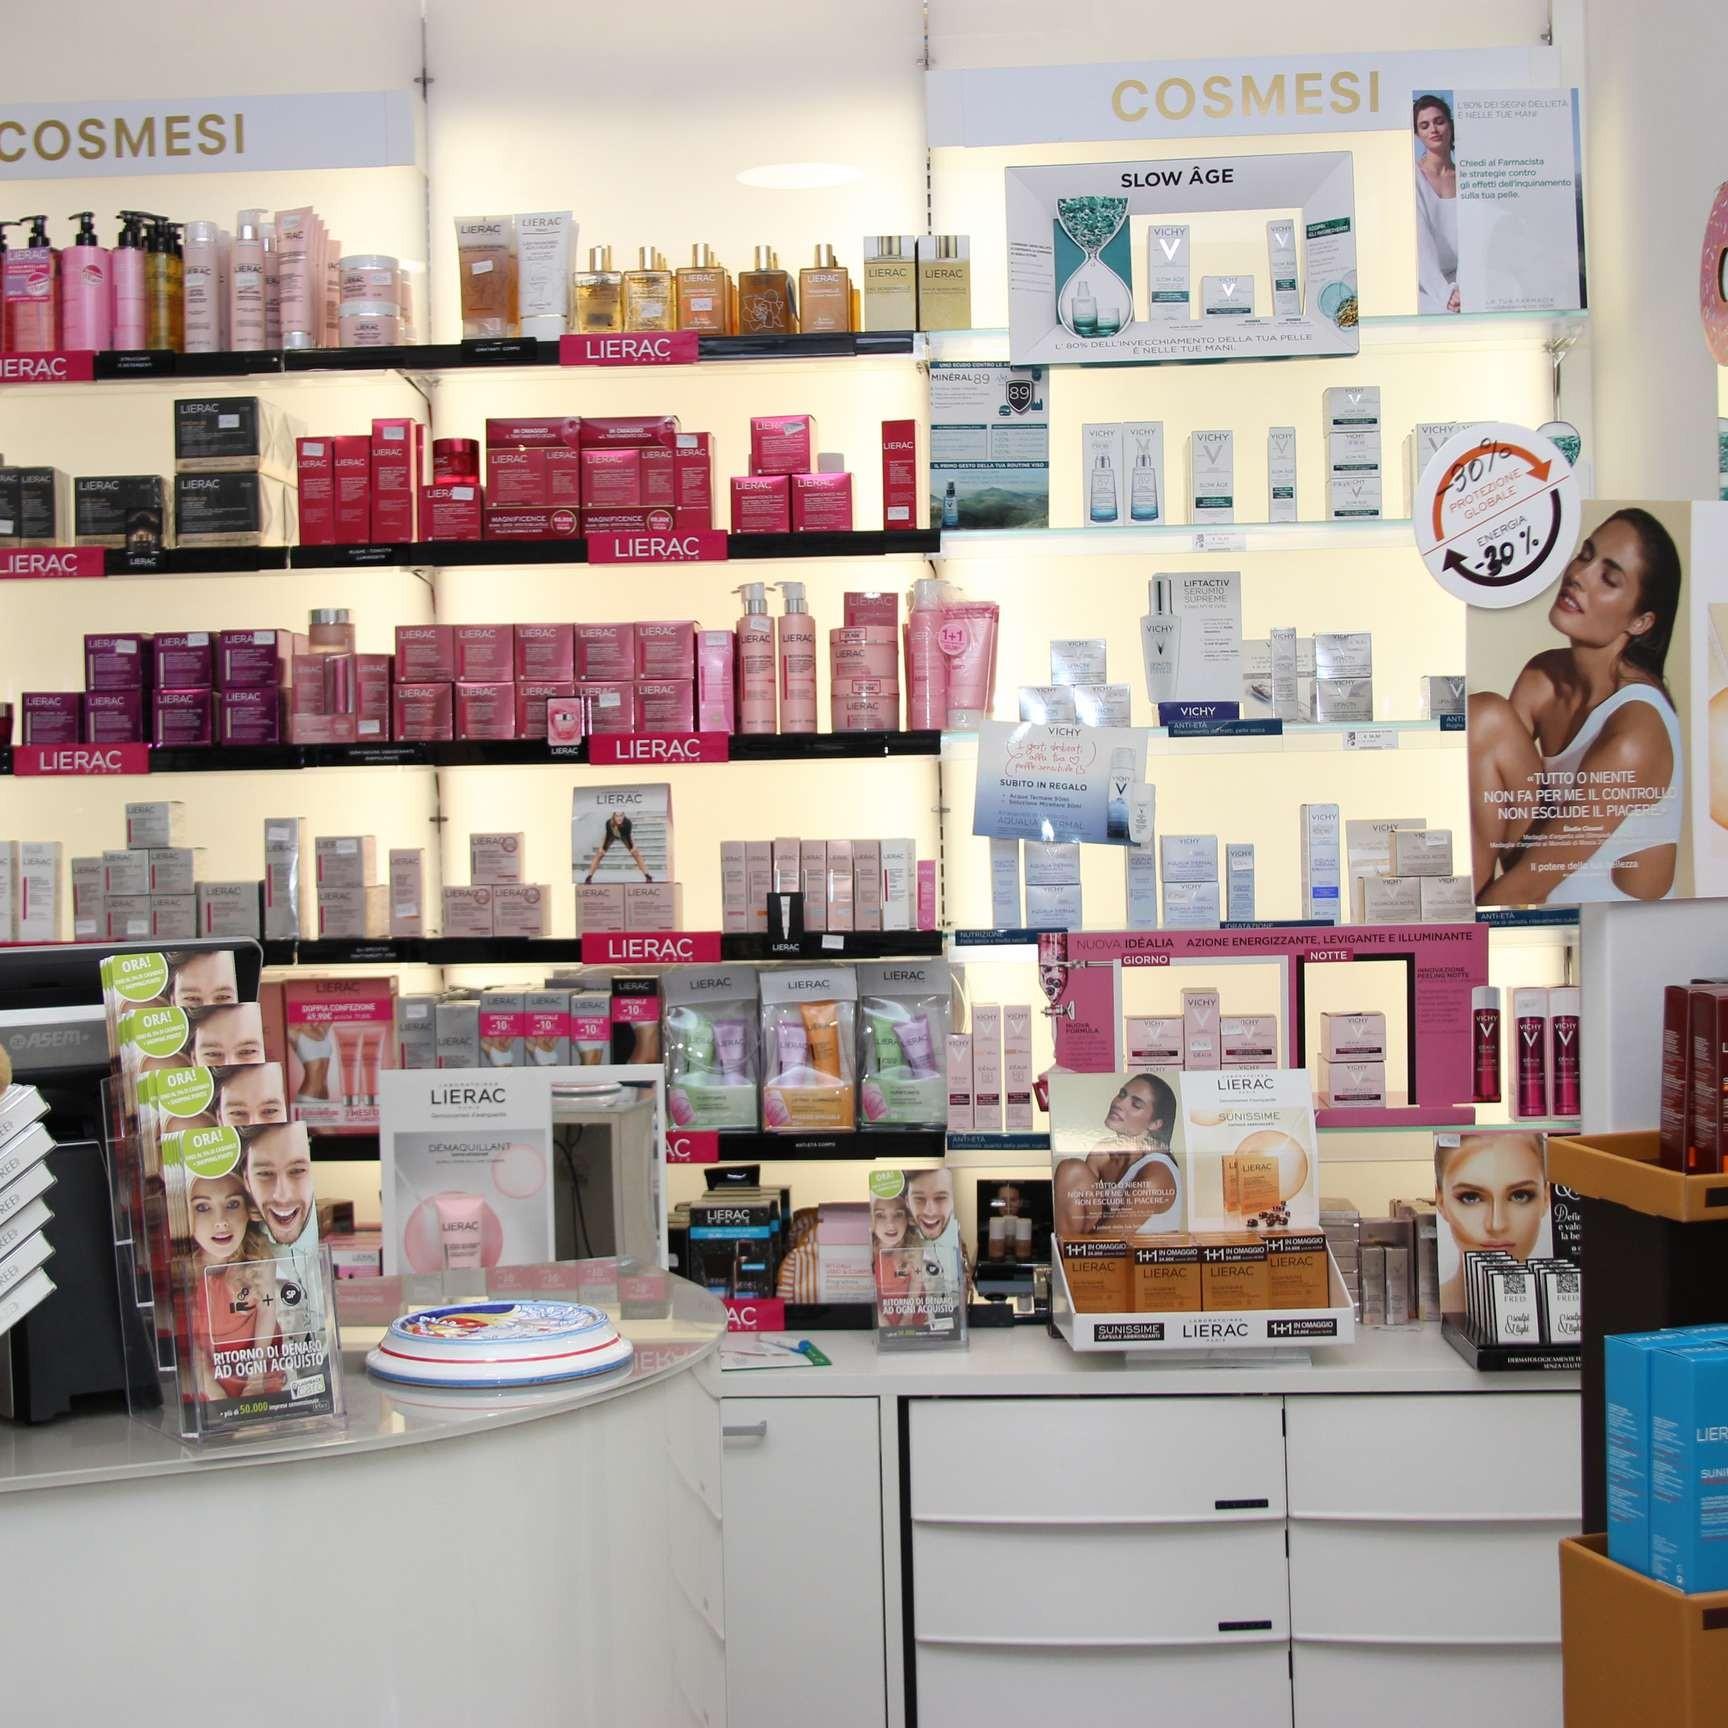 cosmetici promozione farmacia delogu sassari